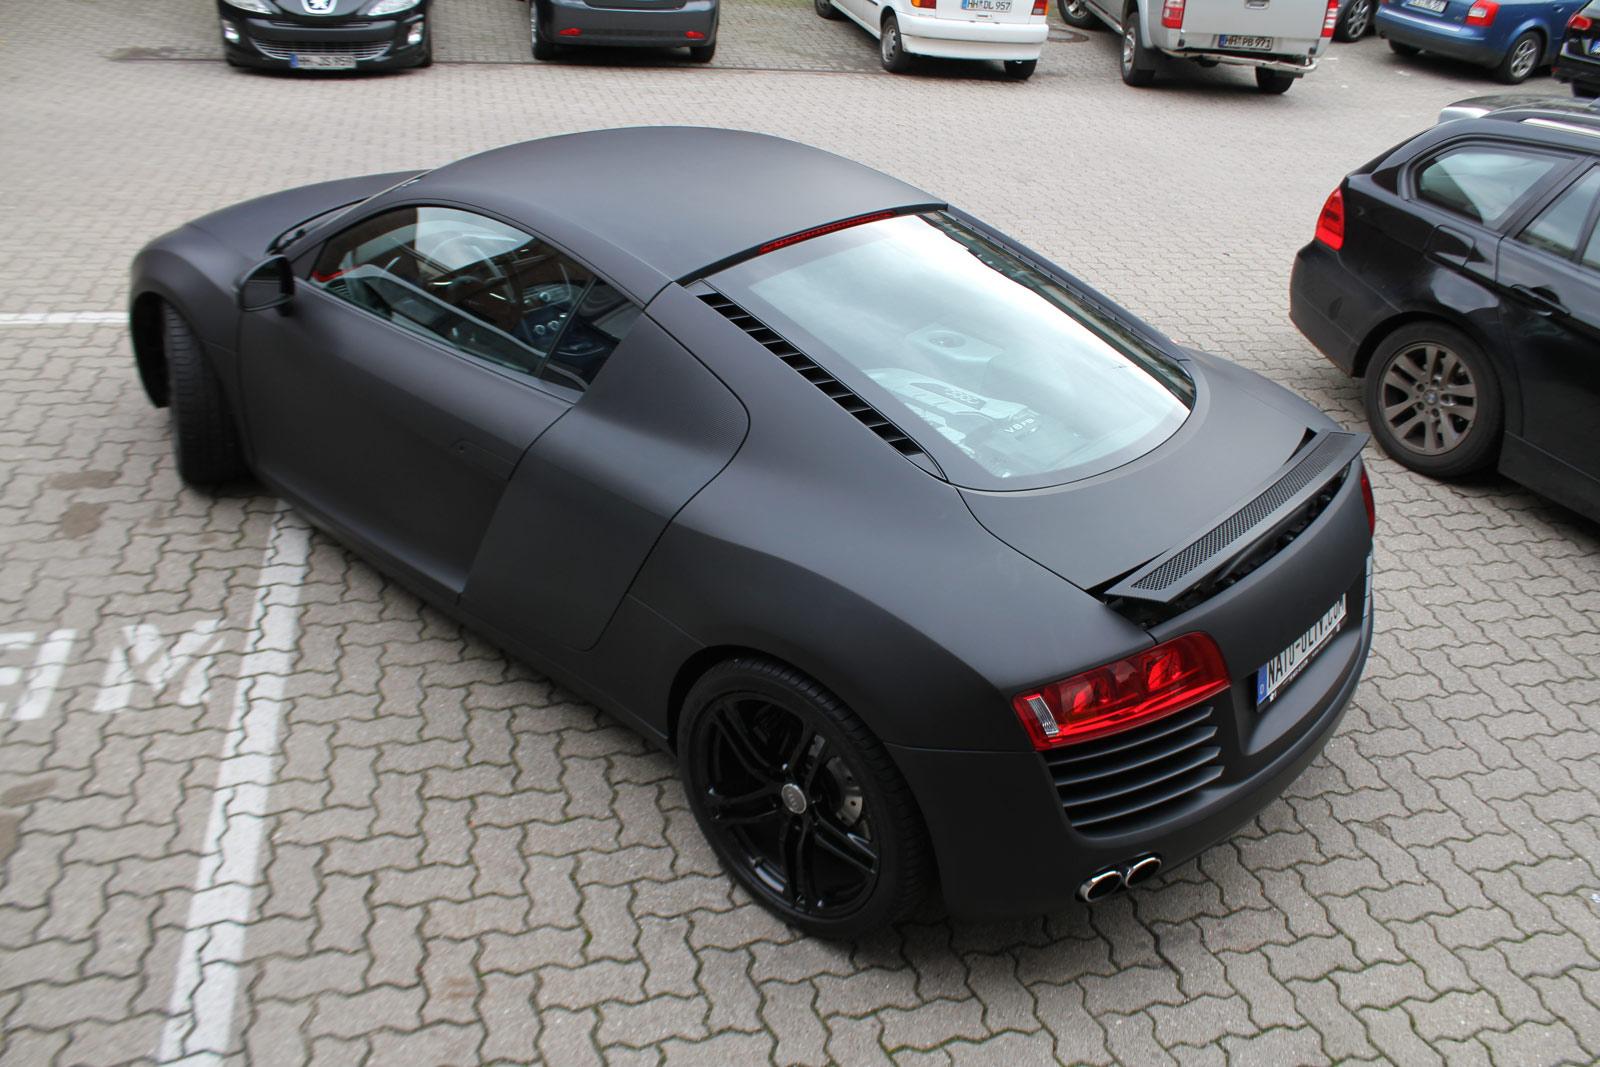 Heckansicht des Audi R8 in schwarz matt mit carbon Extras.